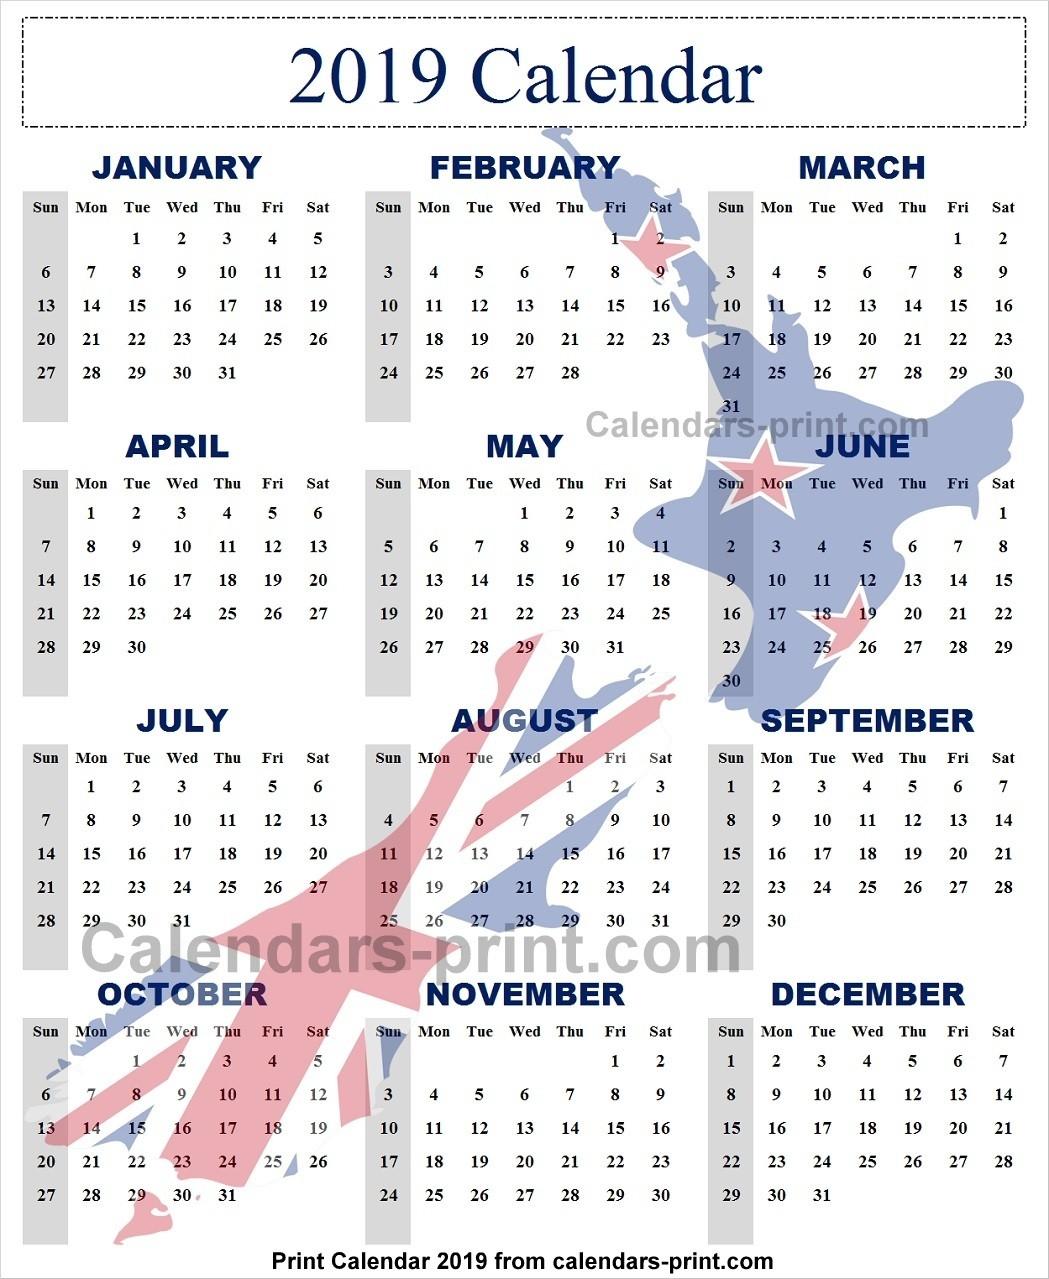 Calendar 2019 New Zealand Archives - Calendar To Print-Six Monthly New Zealand Calendars